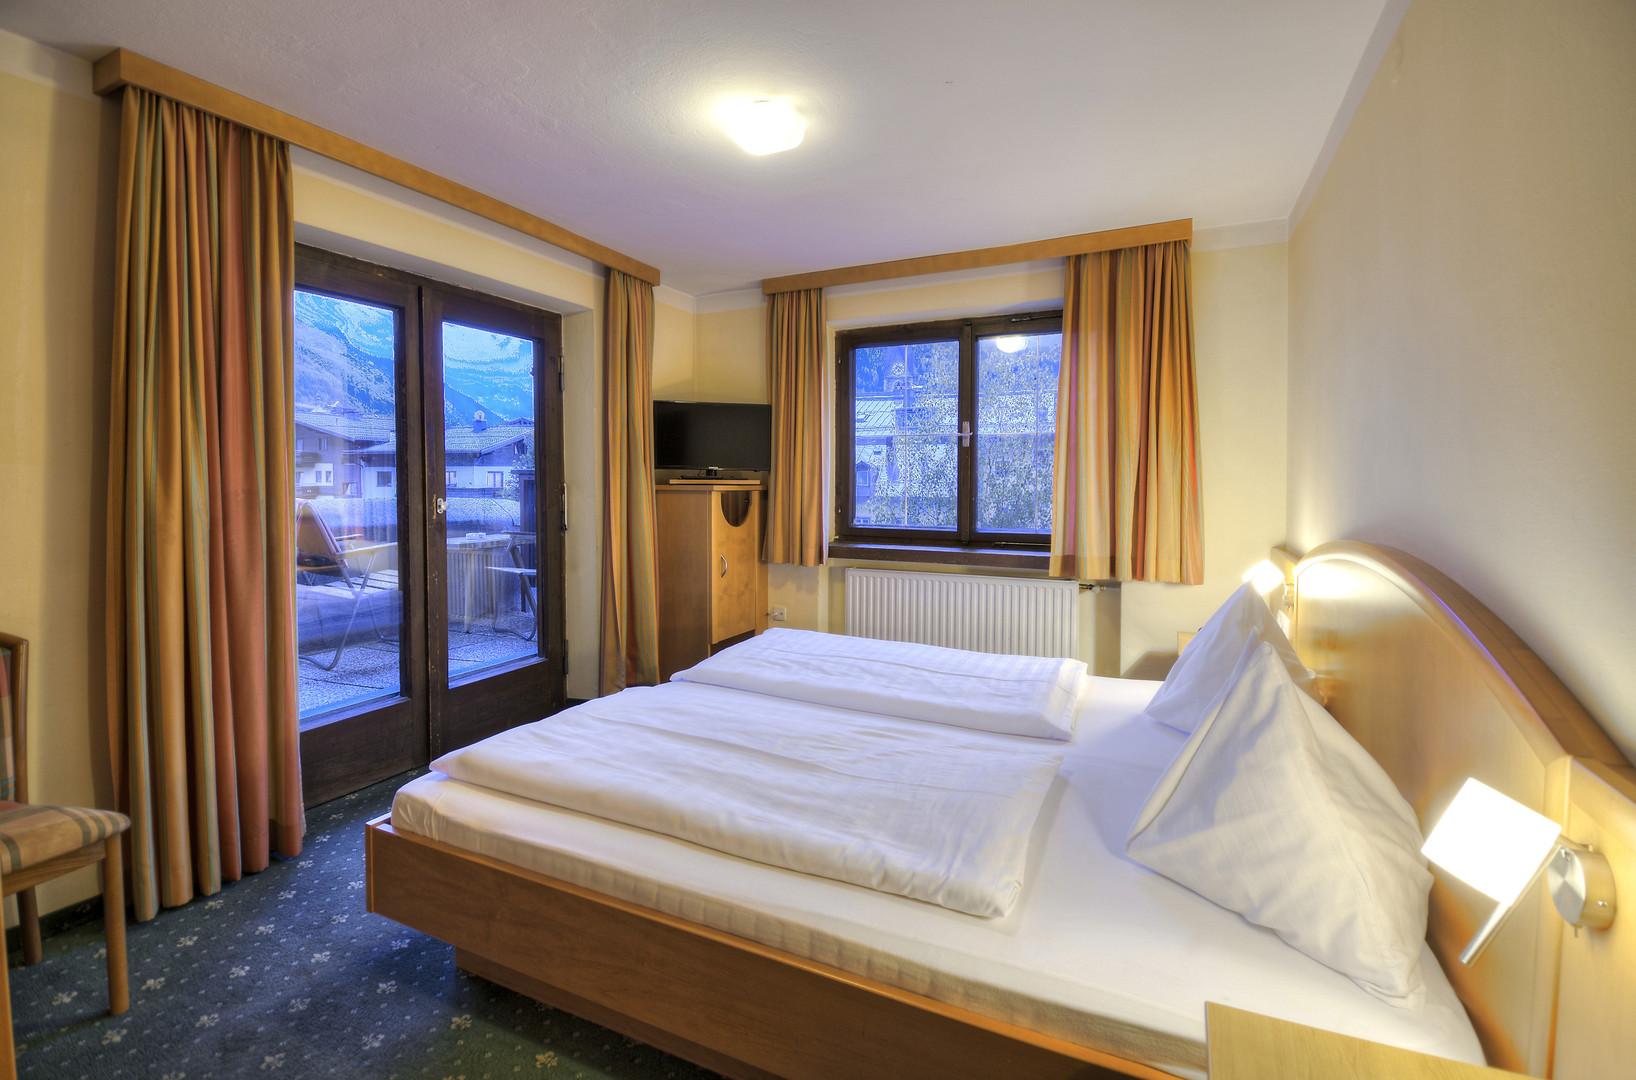 Hotel Lukasmayr #6